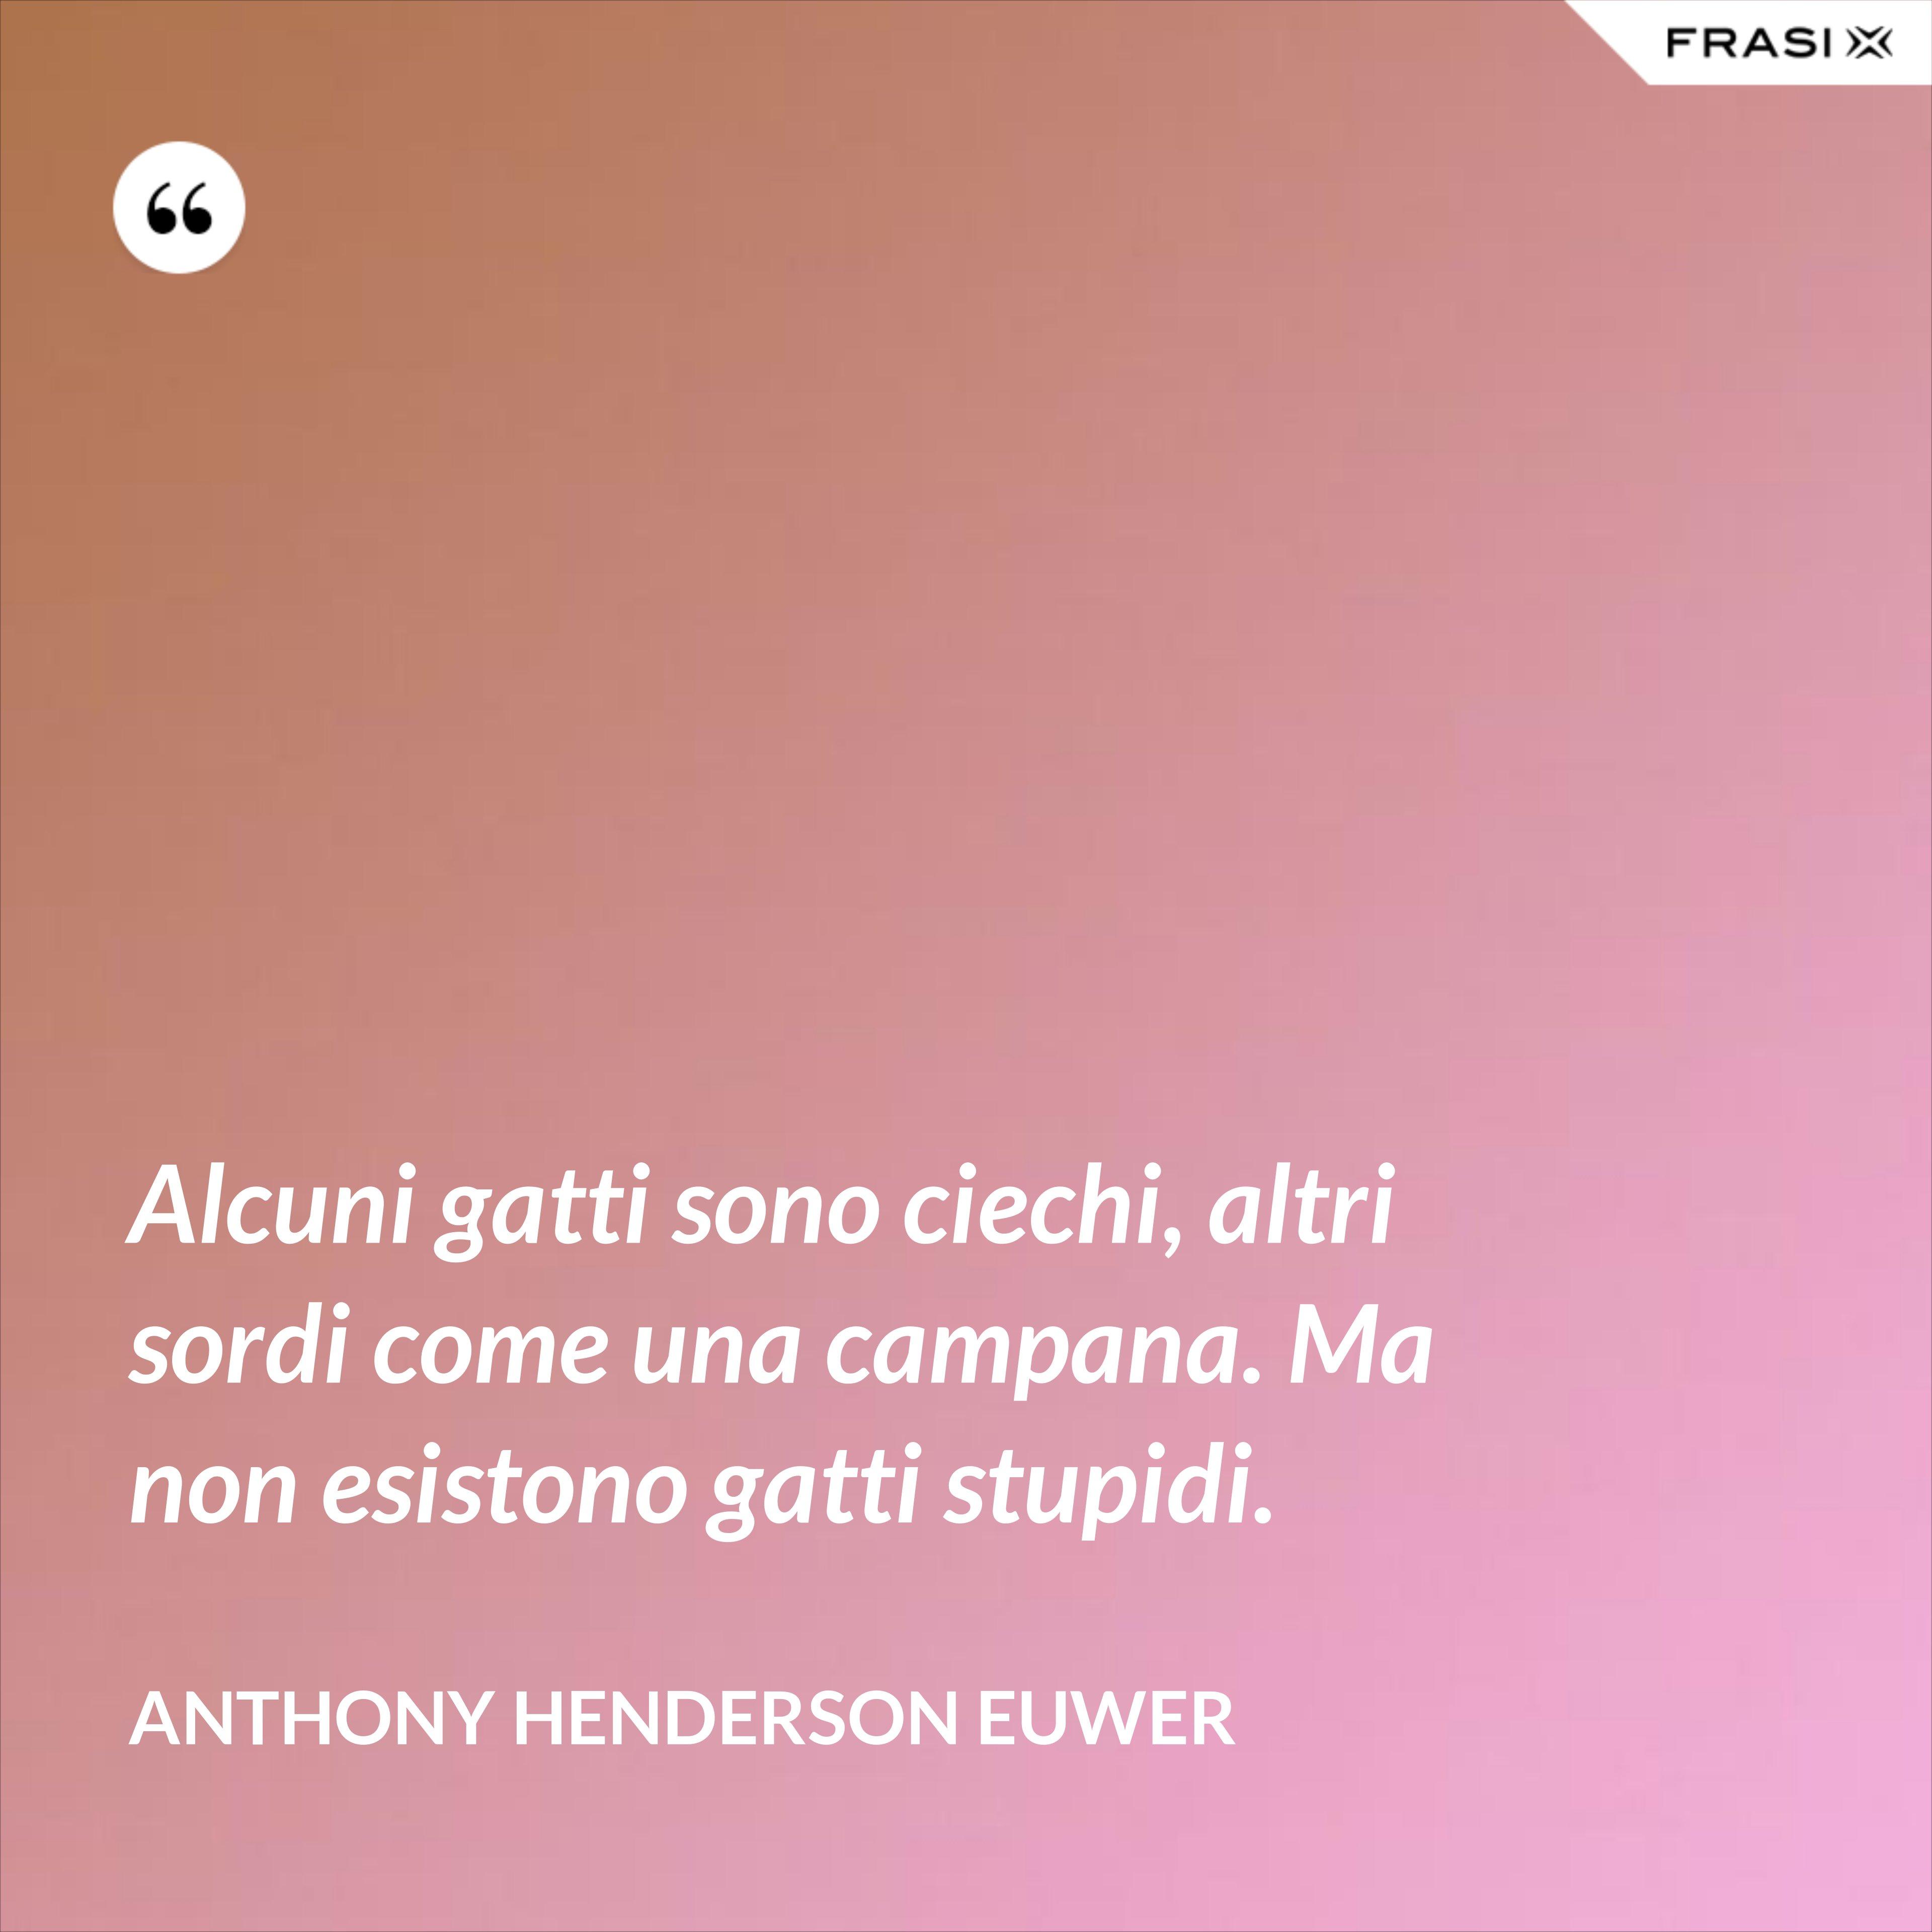 Alcuni gatti sono ciechi, altri sordi come una campana. Ma non esistono gatti stupidi. - Anthony Henderson Euwer